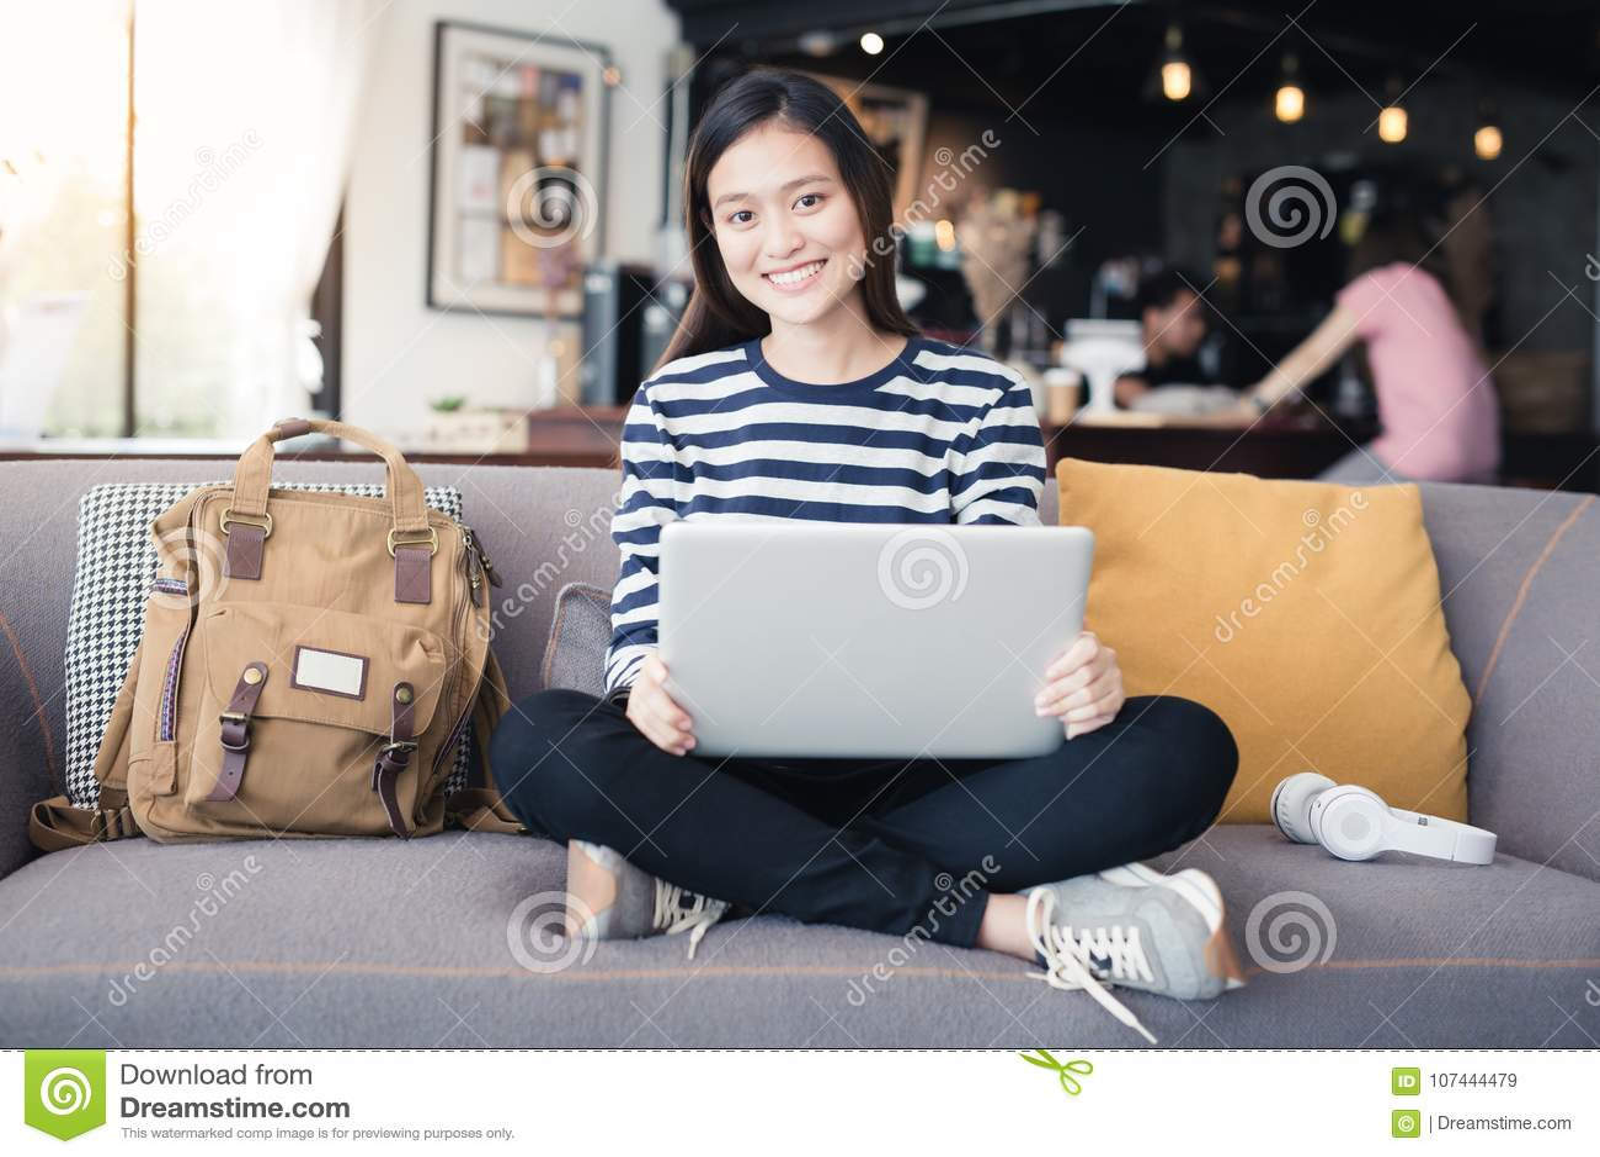 Asiatsfrau der neuen Generation, die Laptop an der Kaffeestube, asiatischer wo verwendet